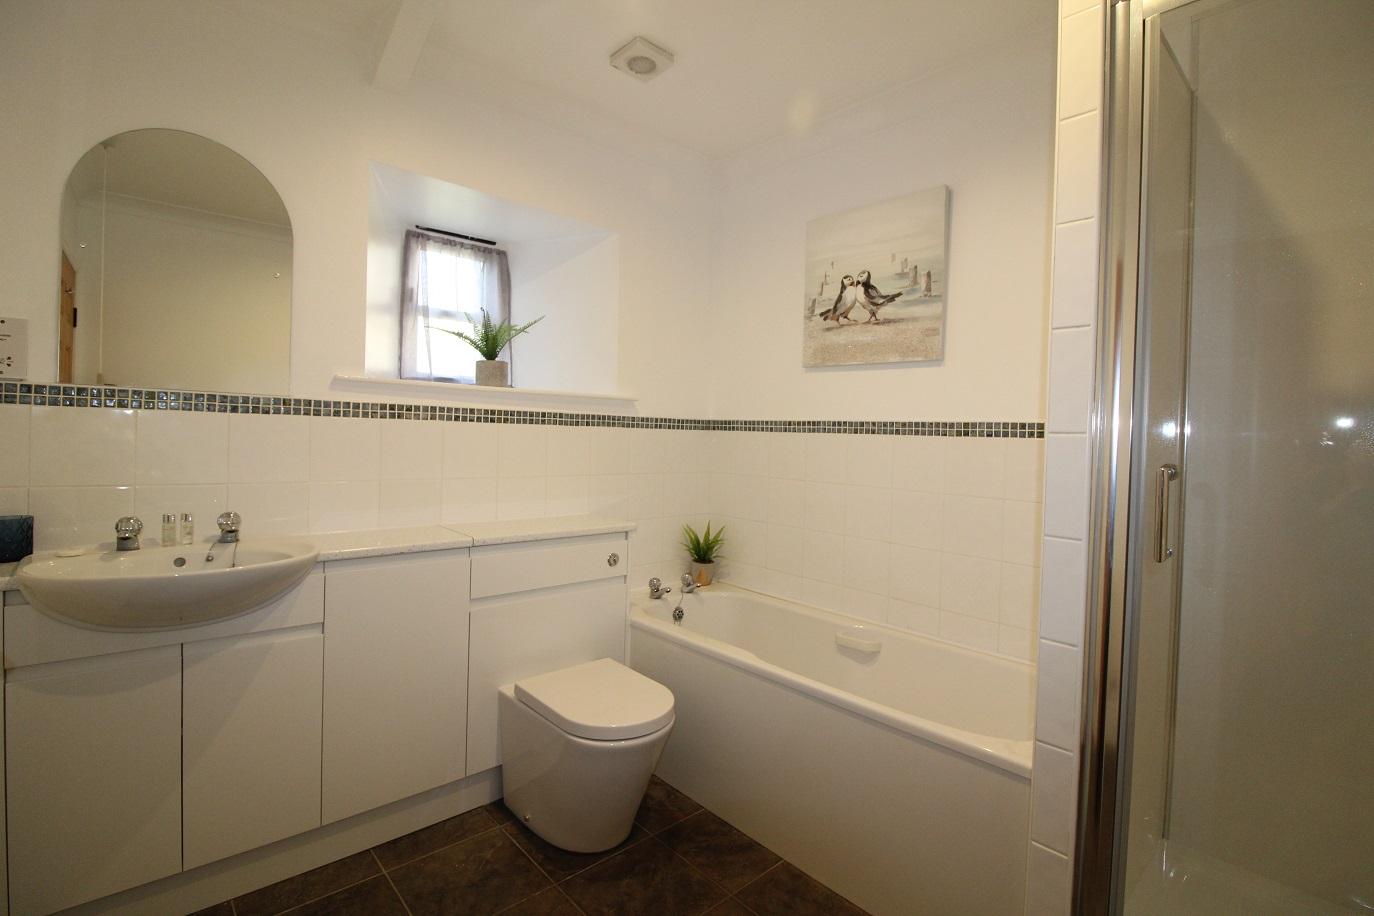 Buttermilk Family Bathroom